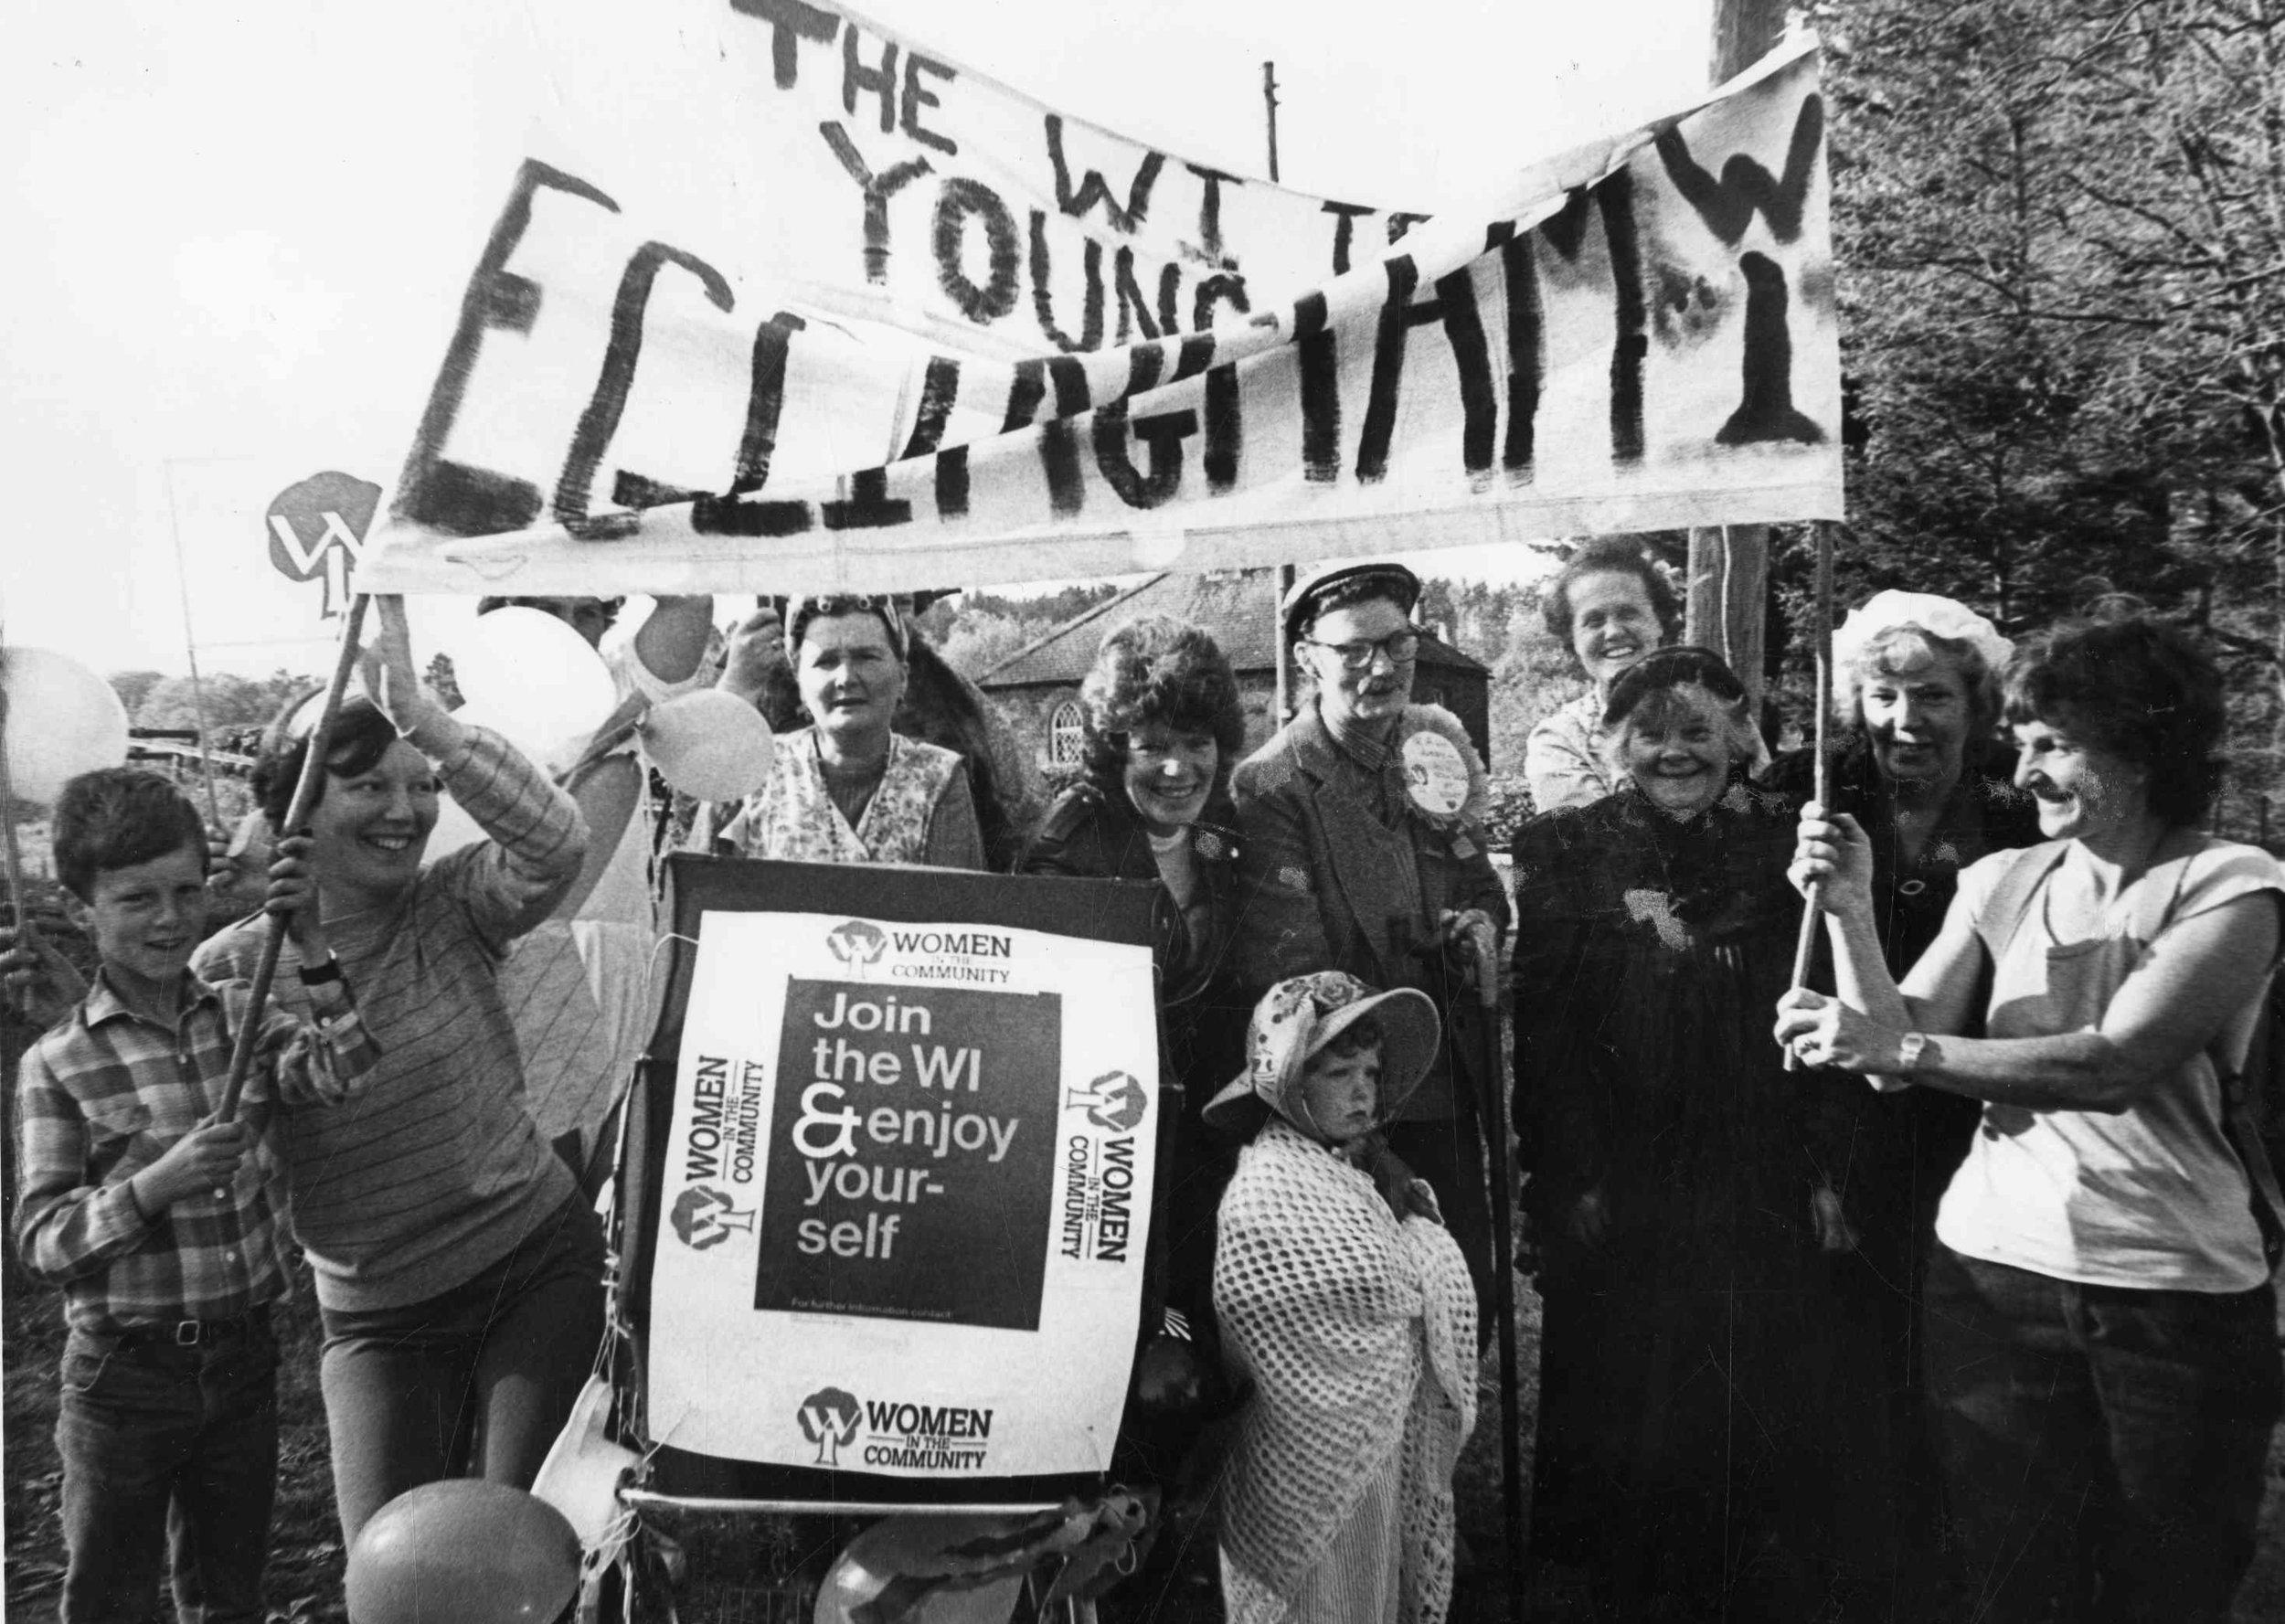 Women's Institute — Eglingham Parish